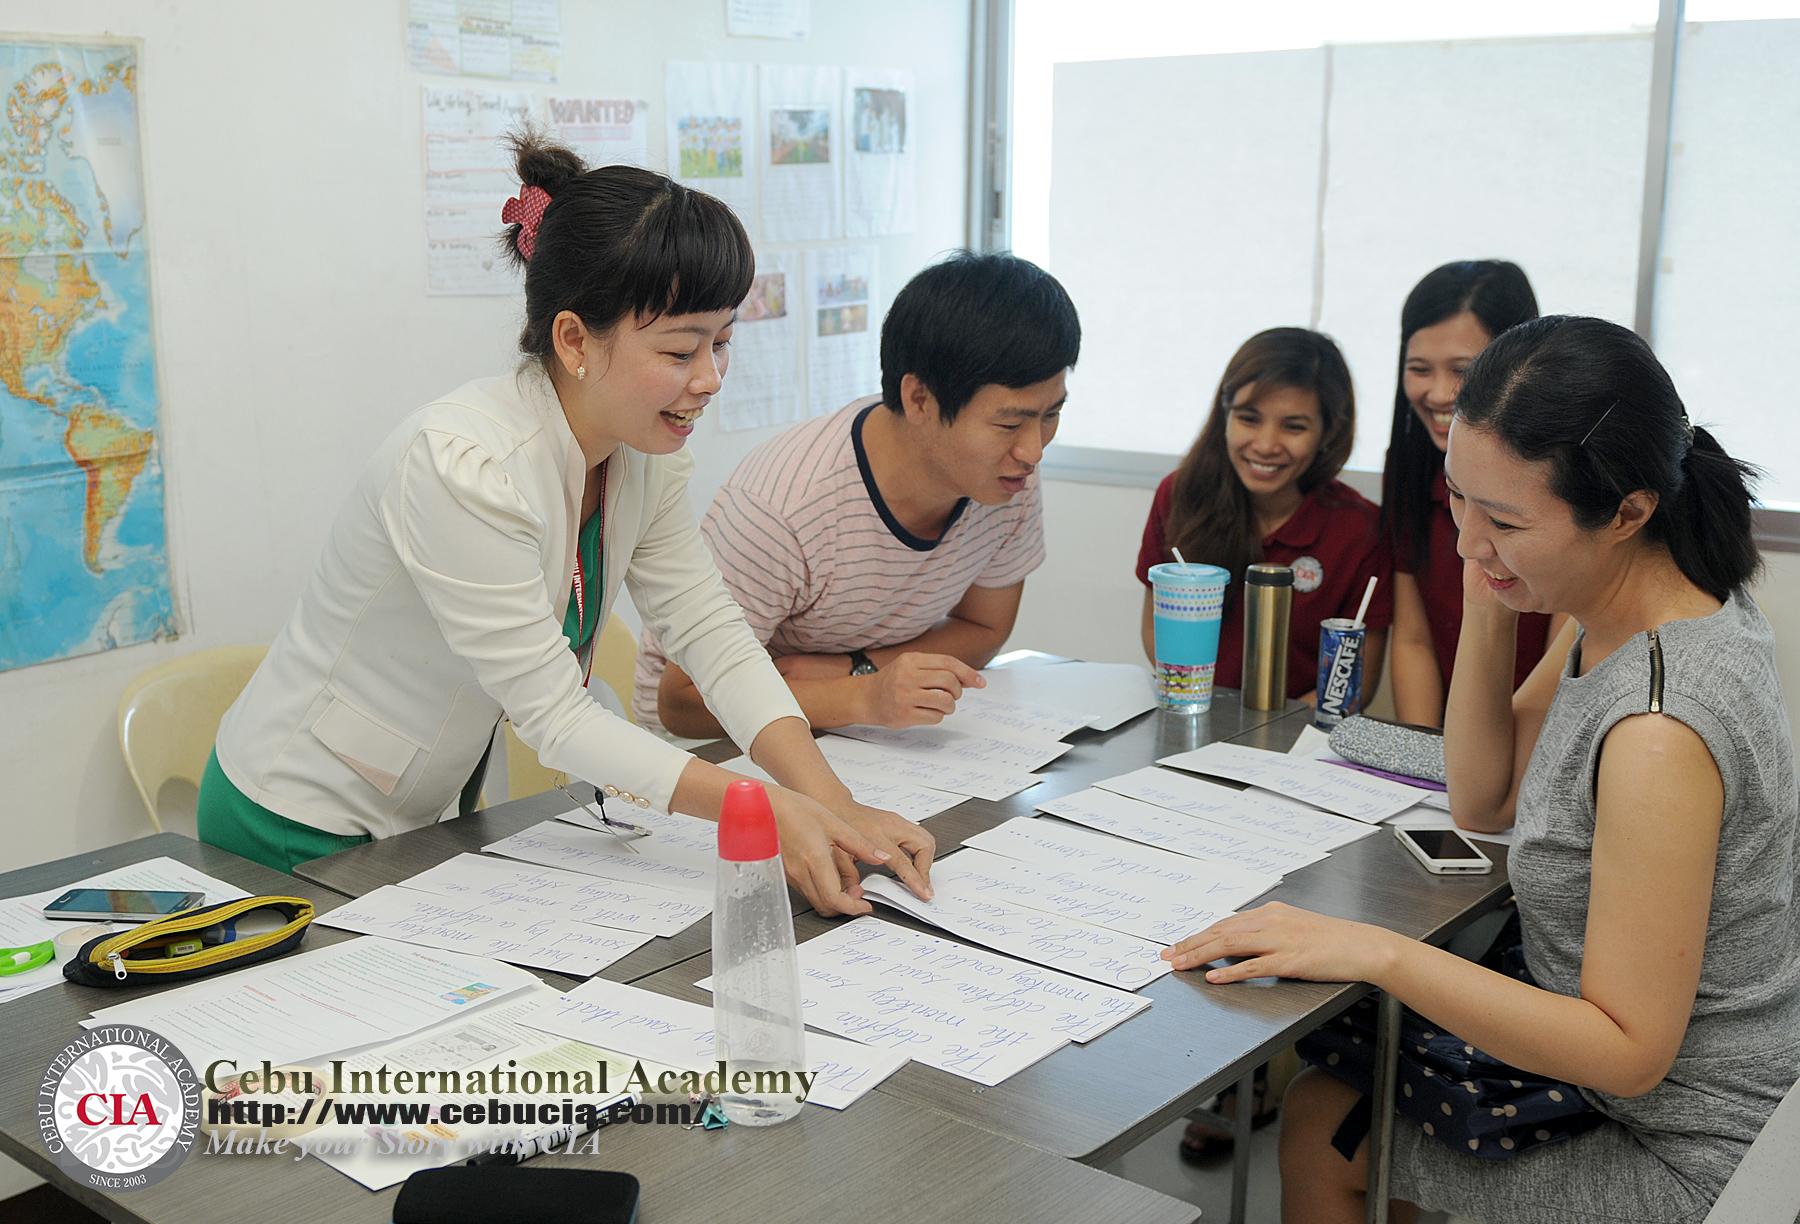 lớp nhóm : chia sẻ kiến thức và sự tự tin cũng như cách làm việc nhóm